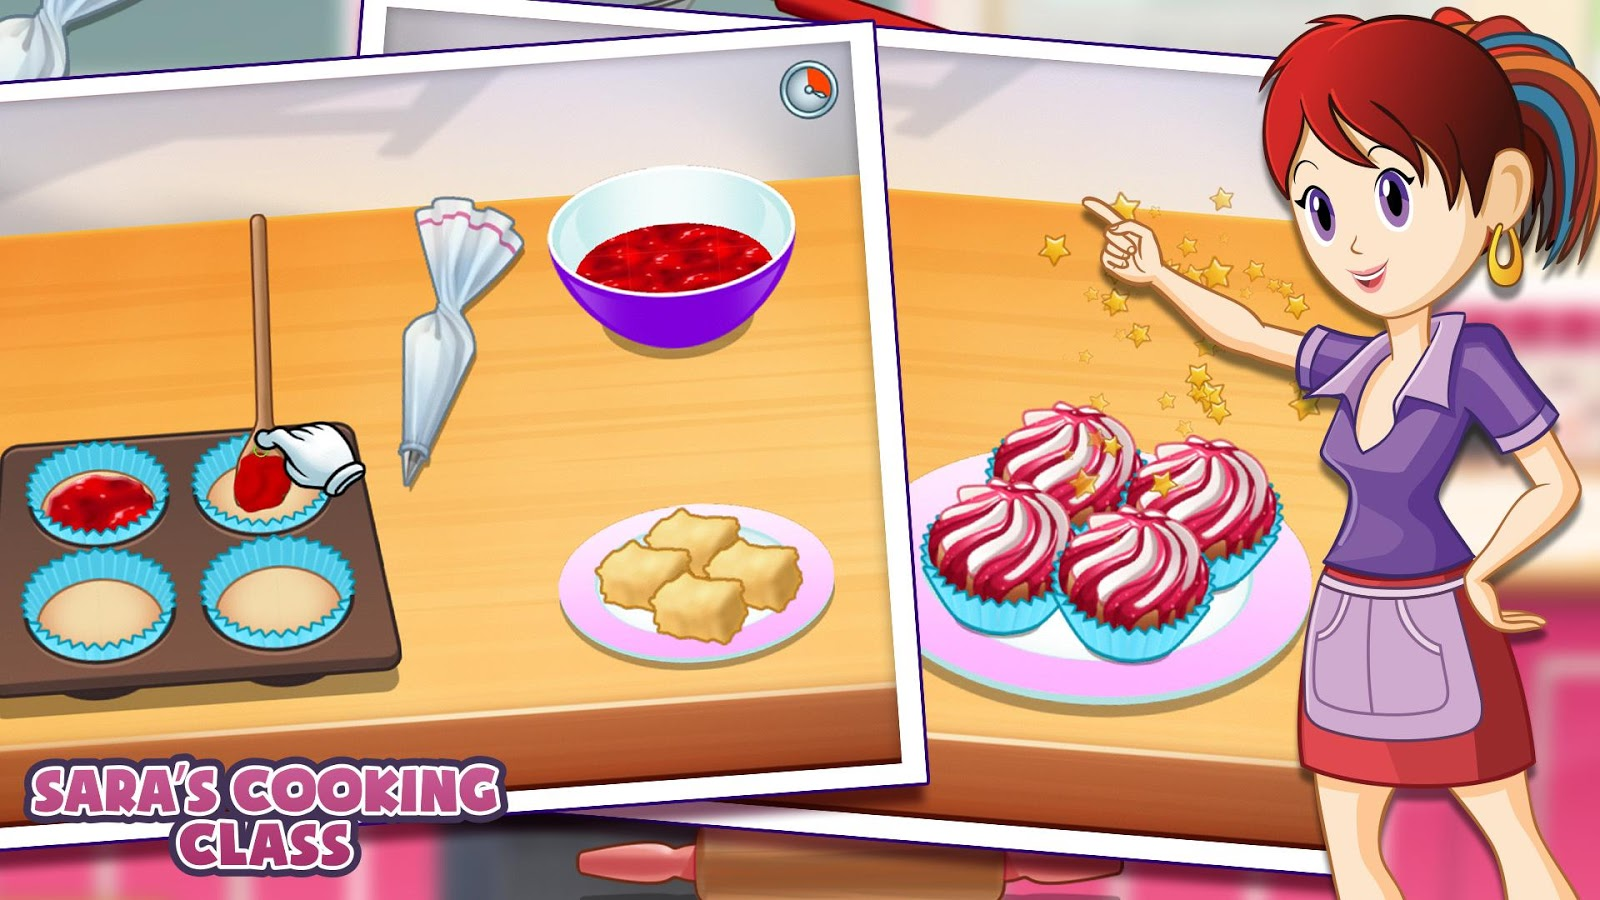 École de cuisine sara - le jeu – applications android sur google play